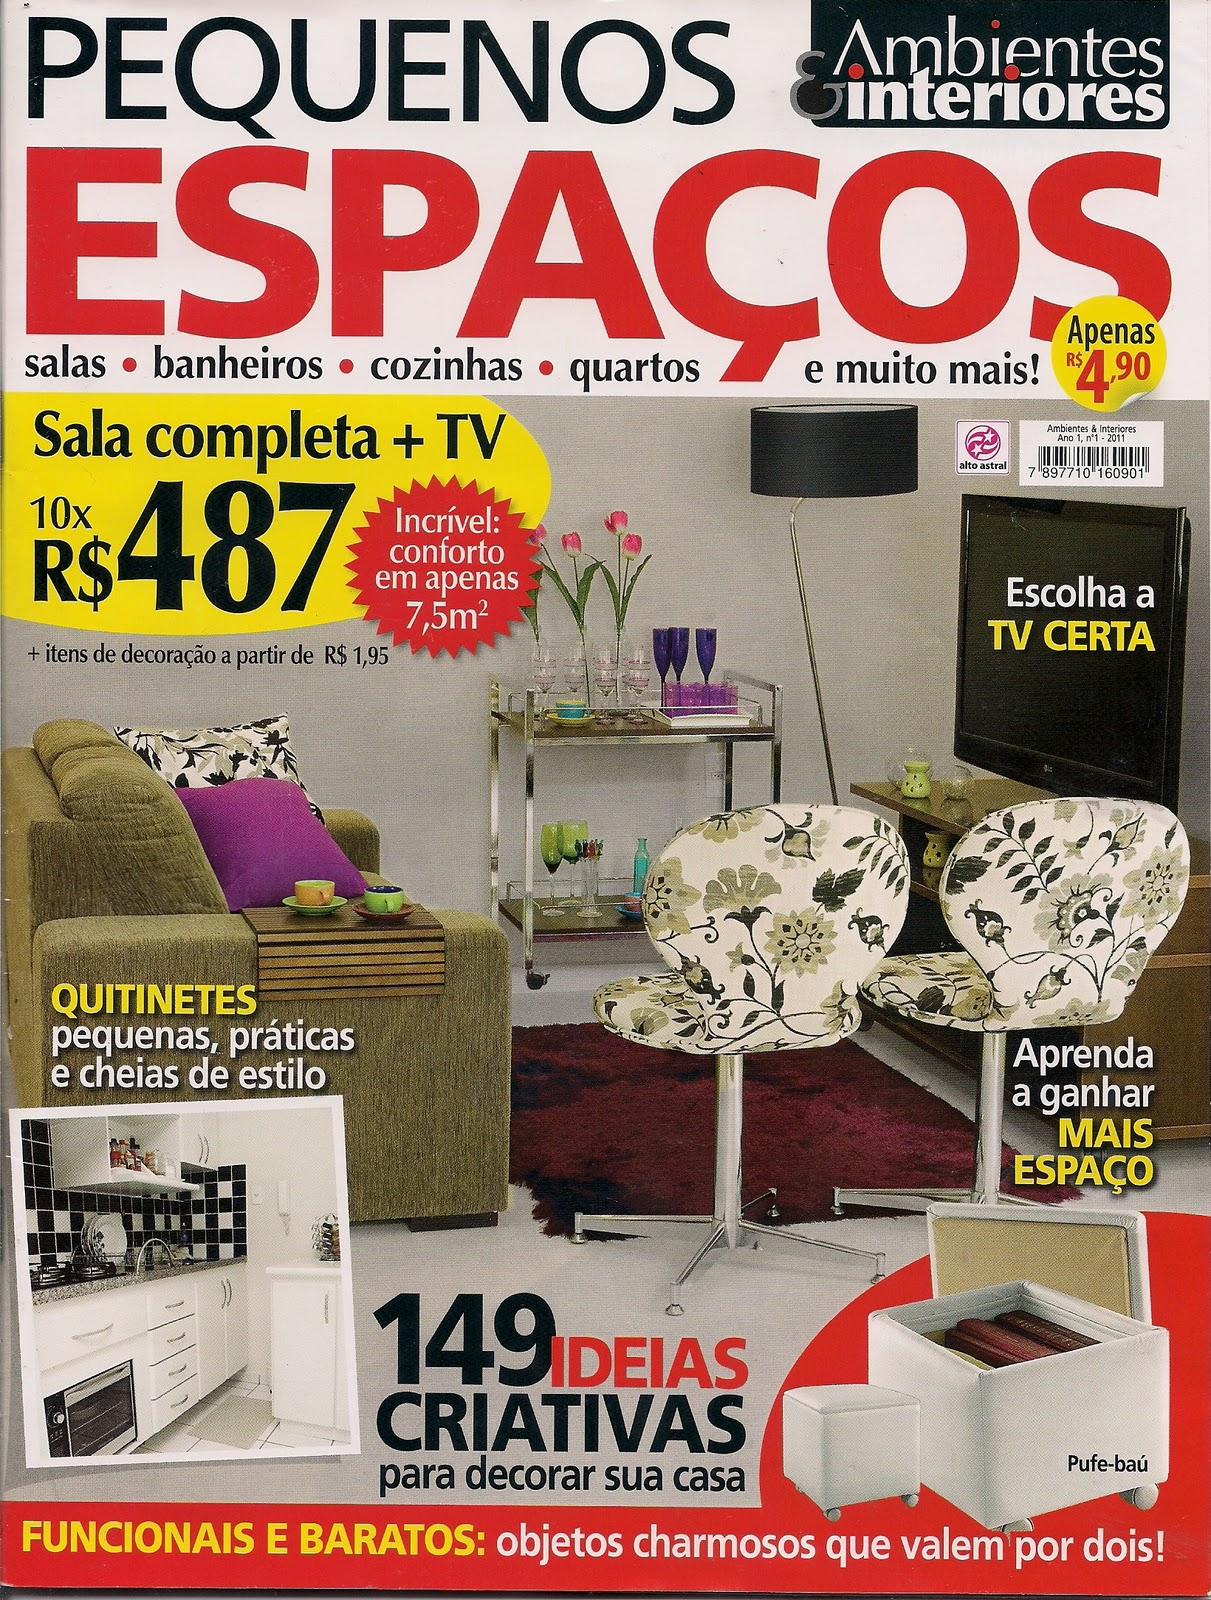 decoracao interiores ambientes pequenos : decoracao interiores ambientes pequenos:Ellen Inserilo : Revista Pequenos Espaços – Ambiente & Interiores